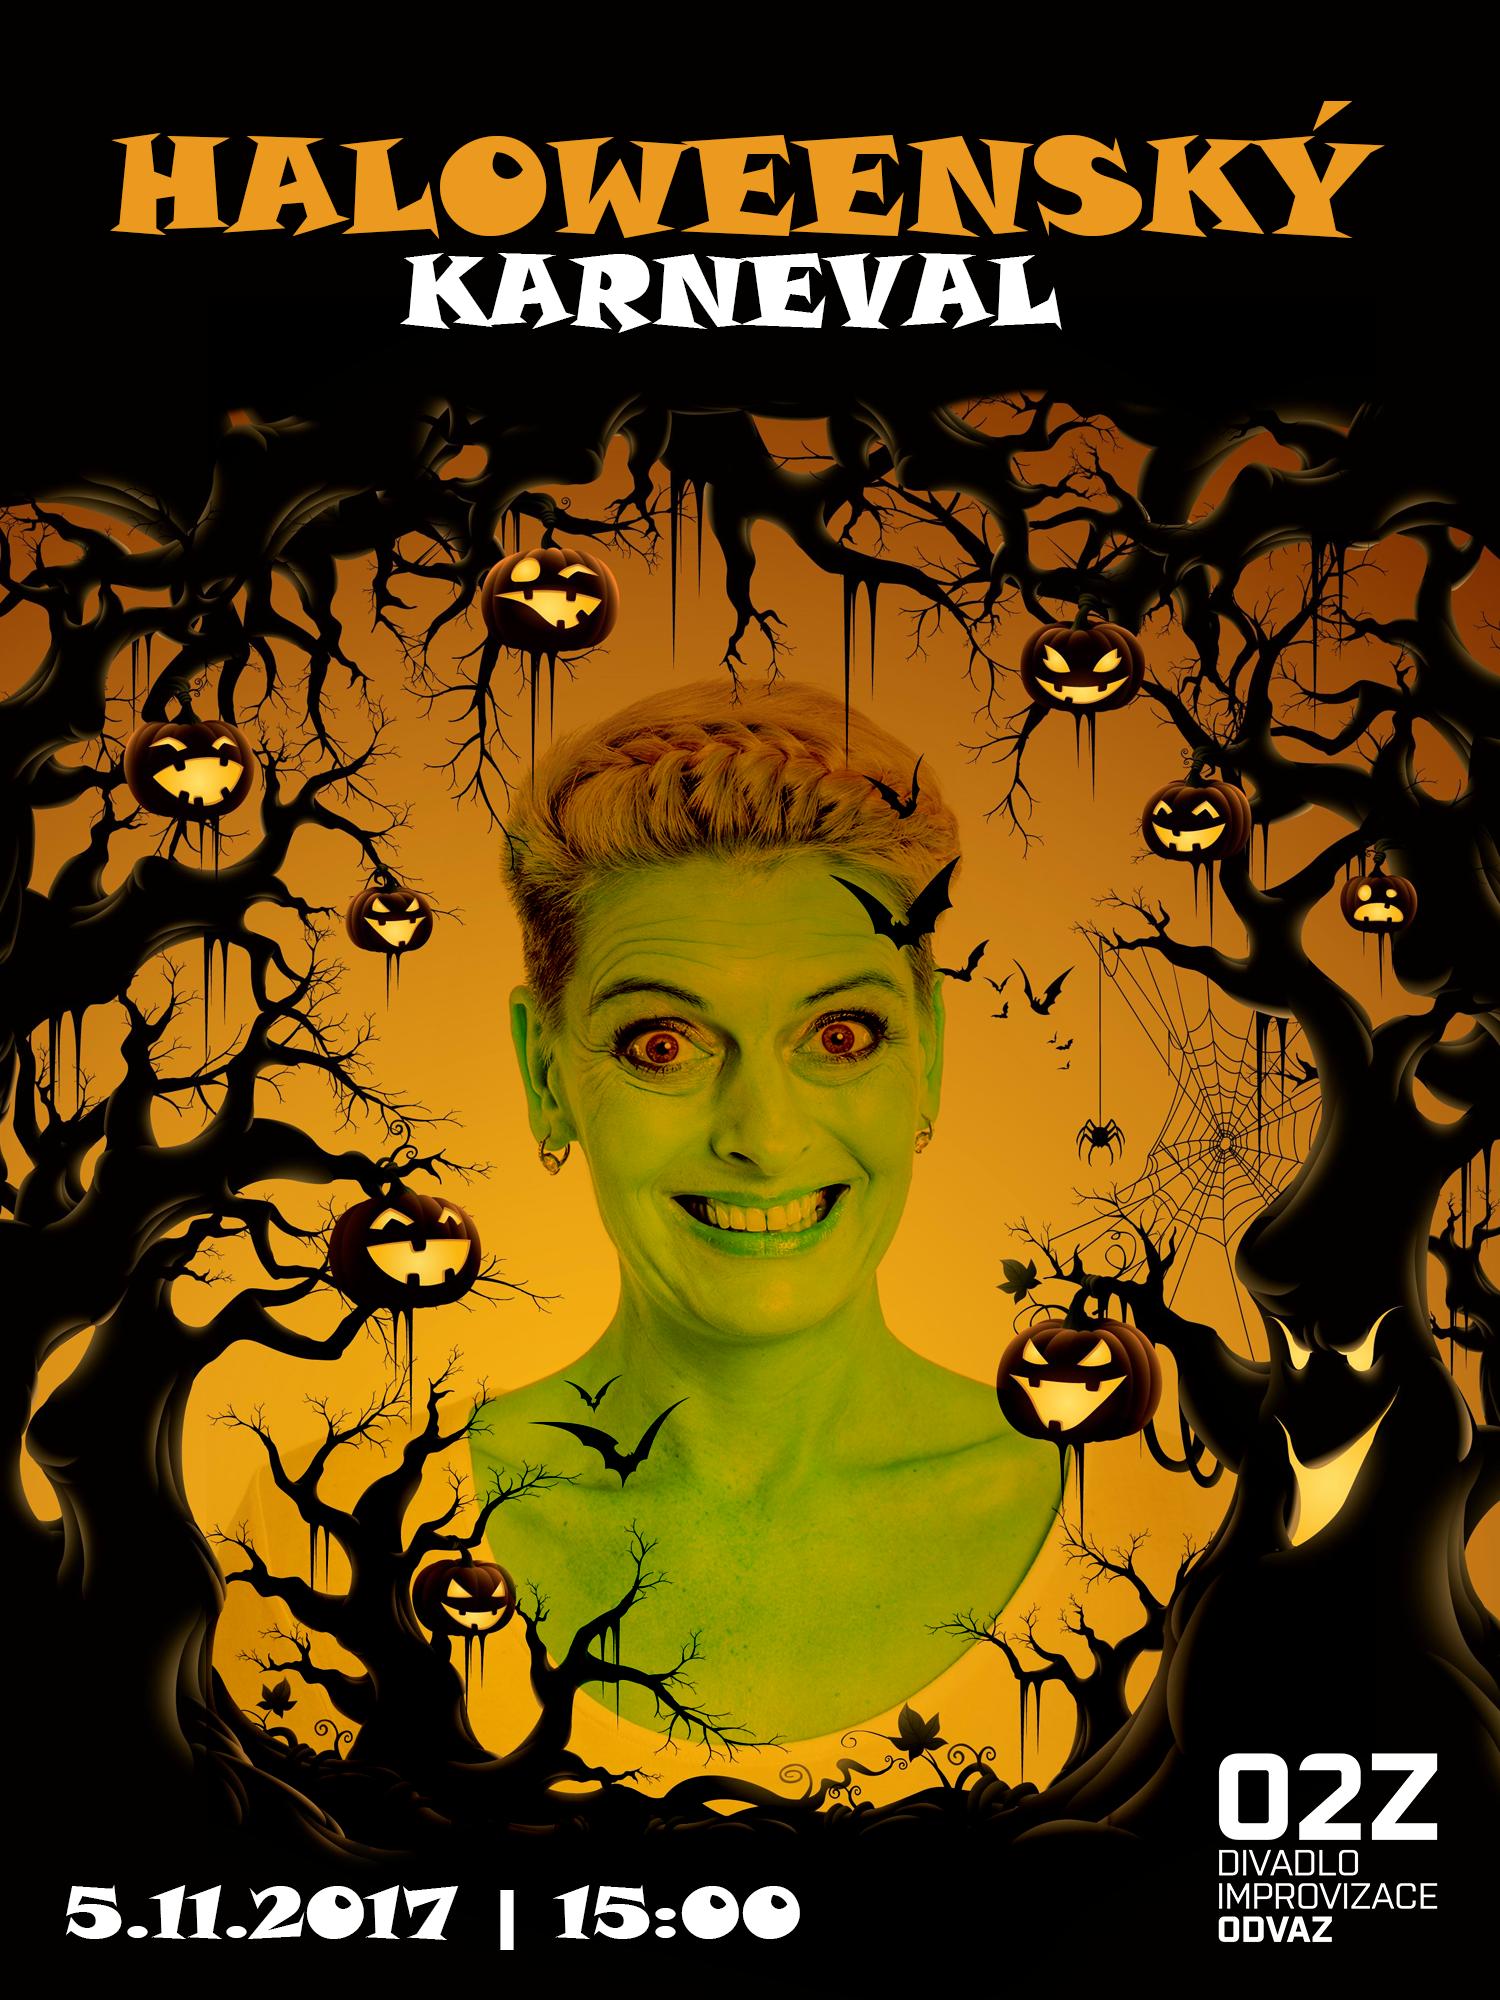 Halloweenský karneval pro děti a rodiče